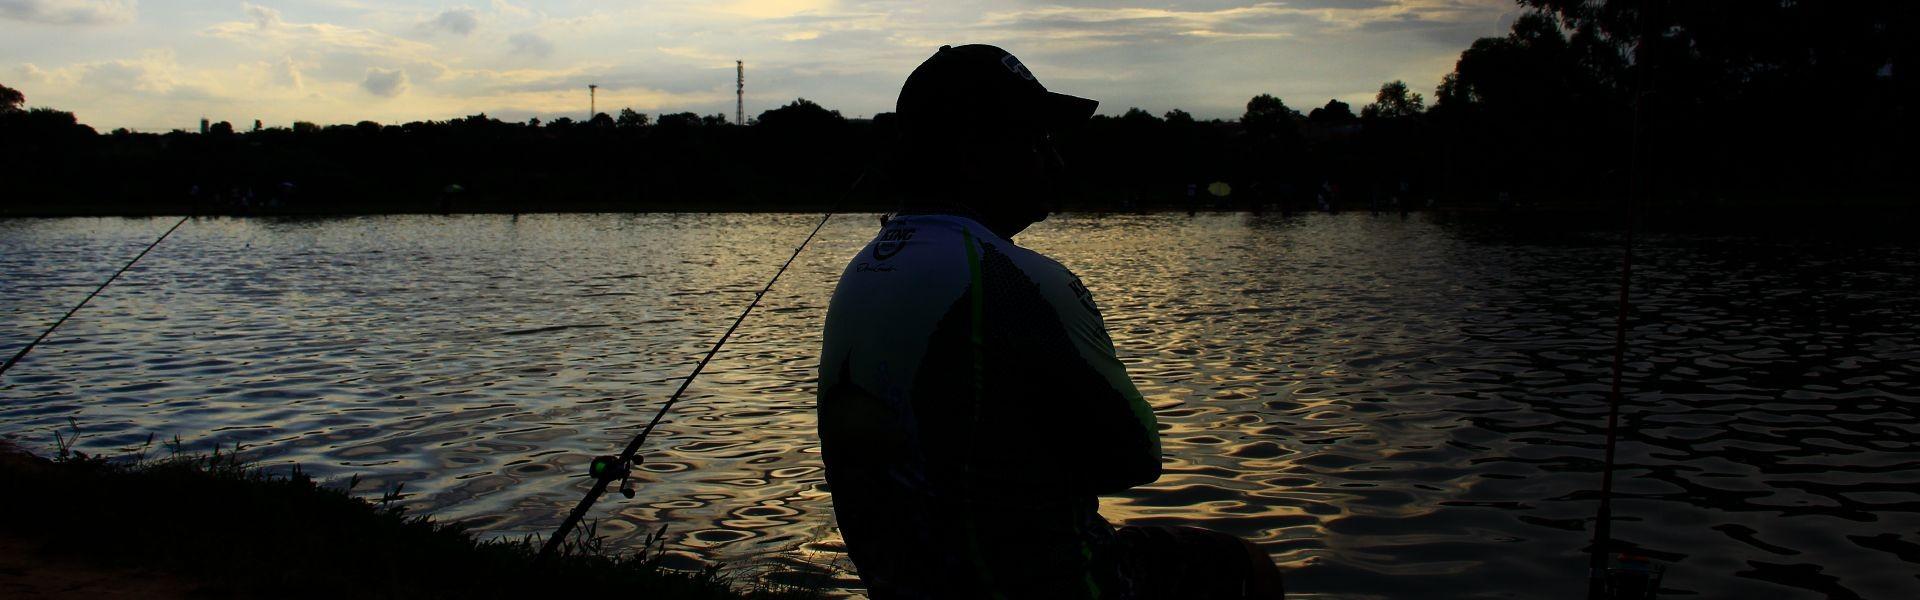 Pesque e Pague